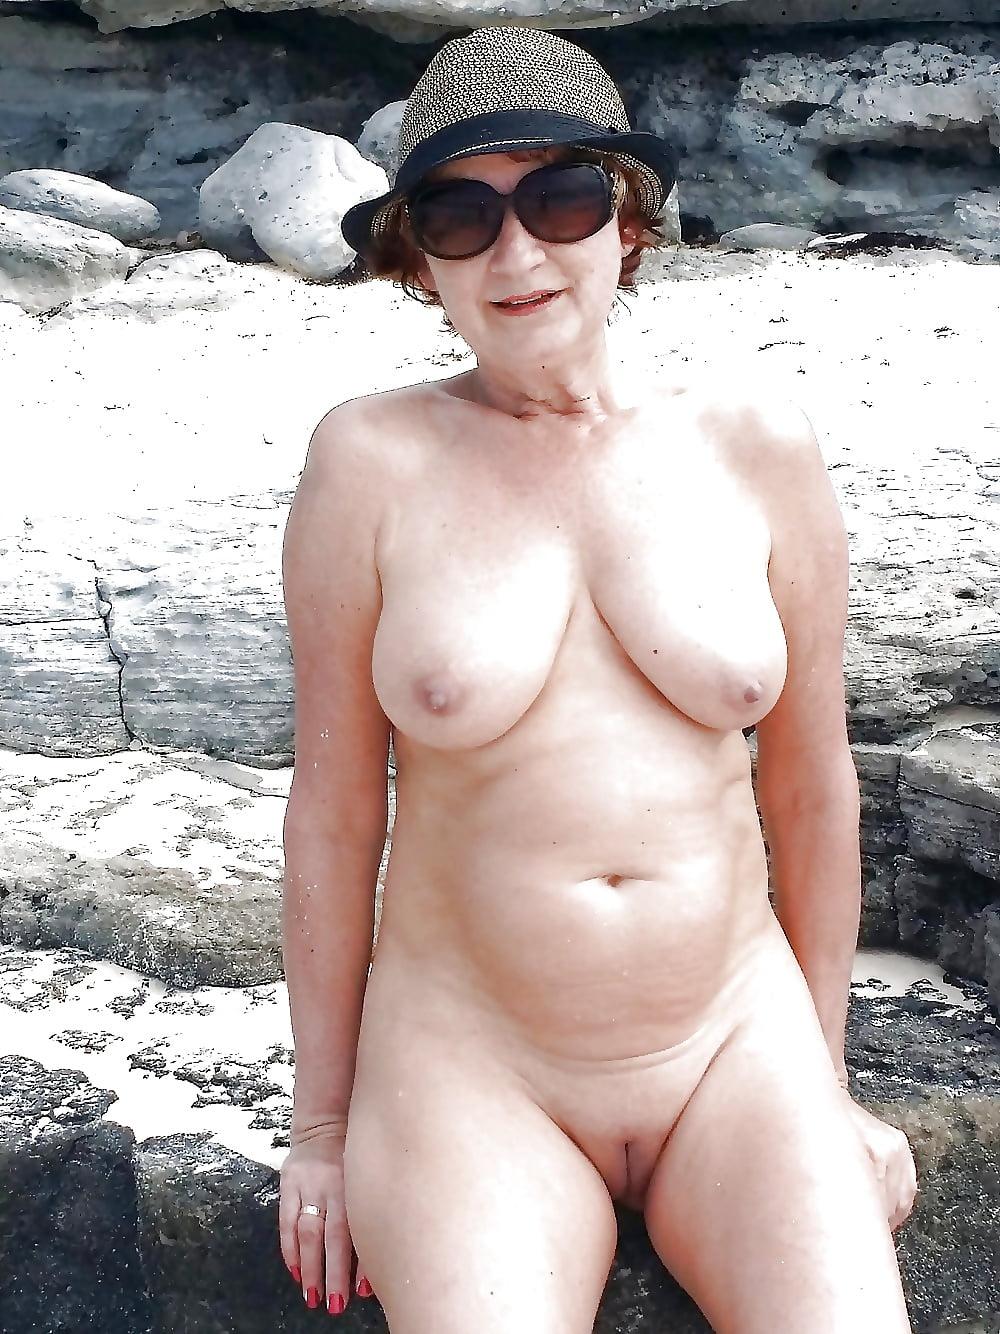 Grannys naked on beach, see naked little girls